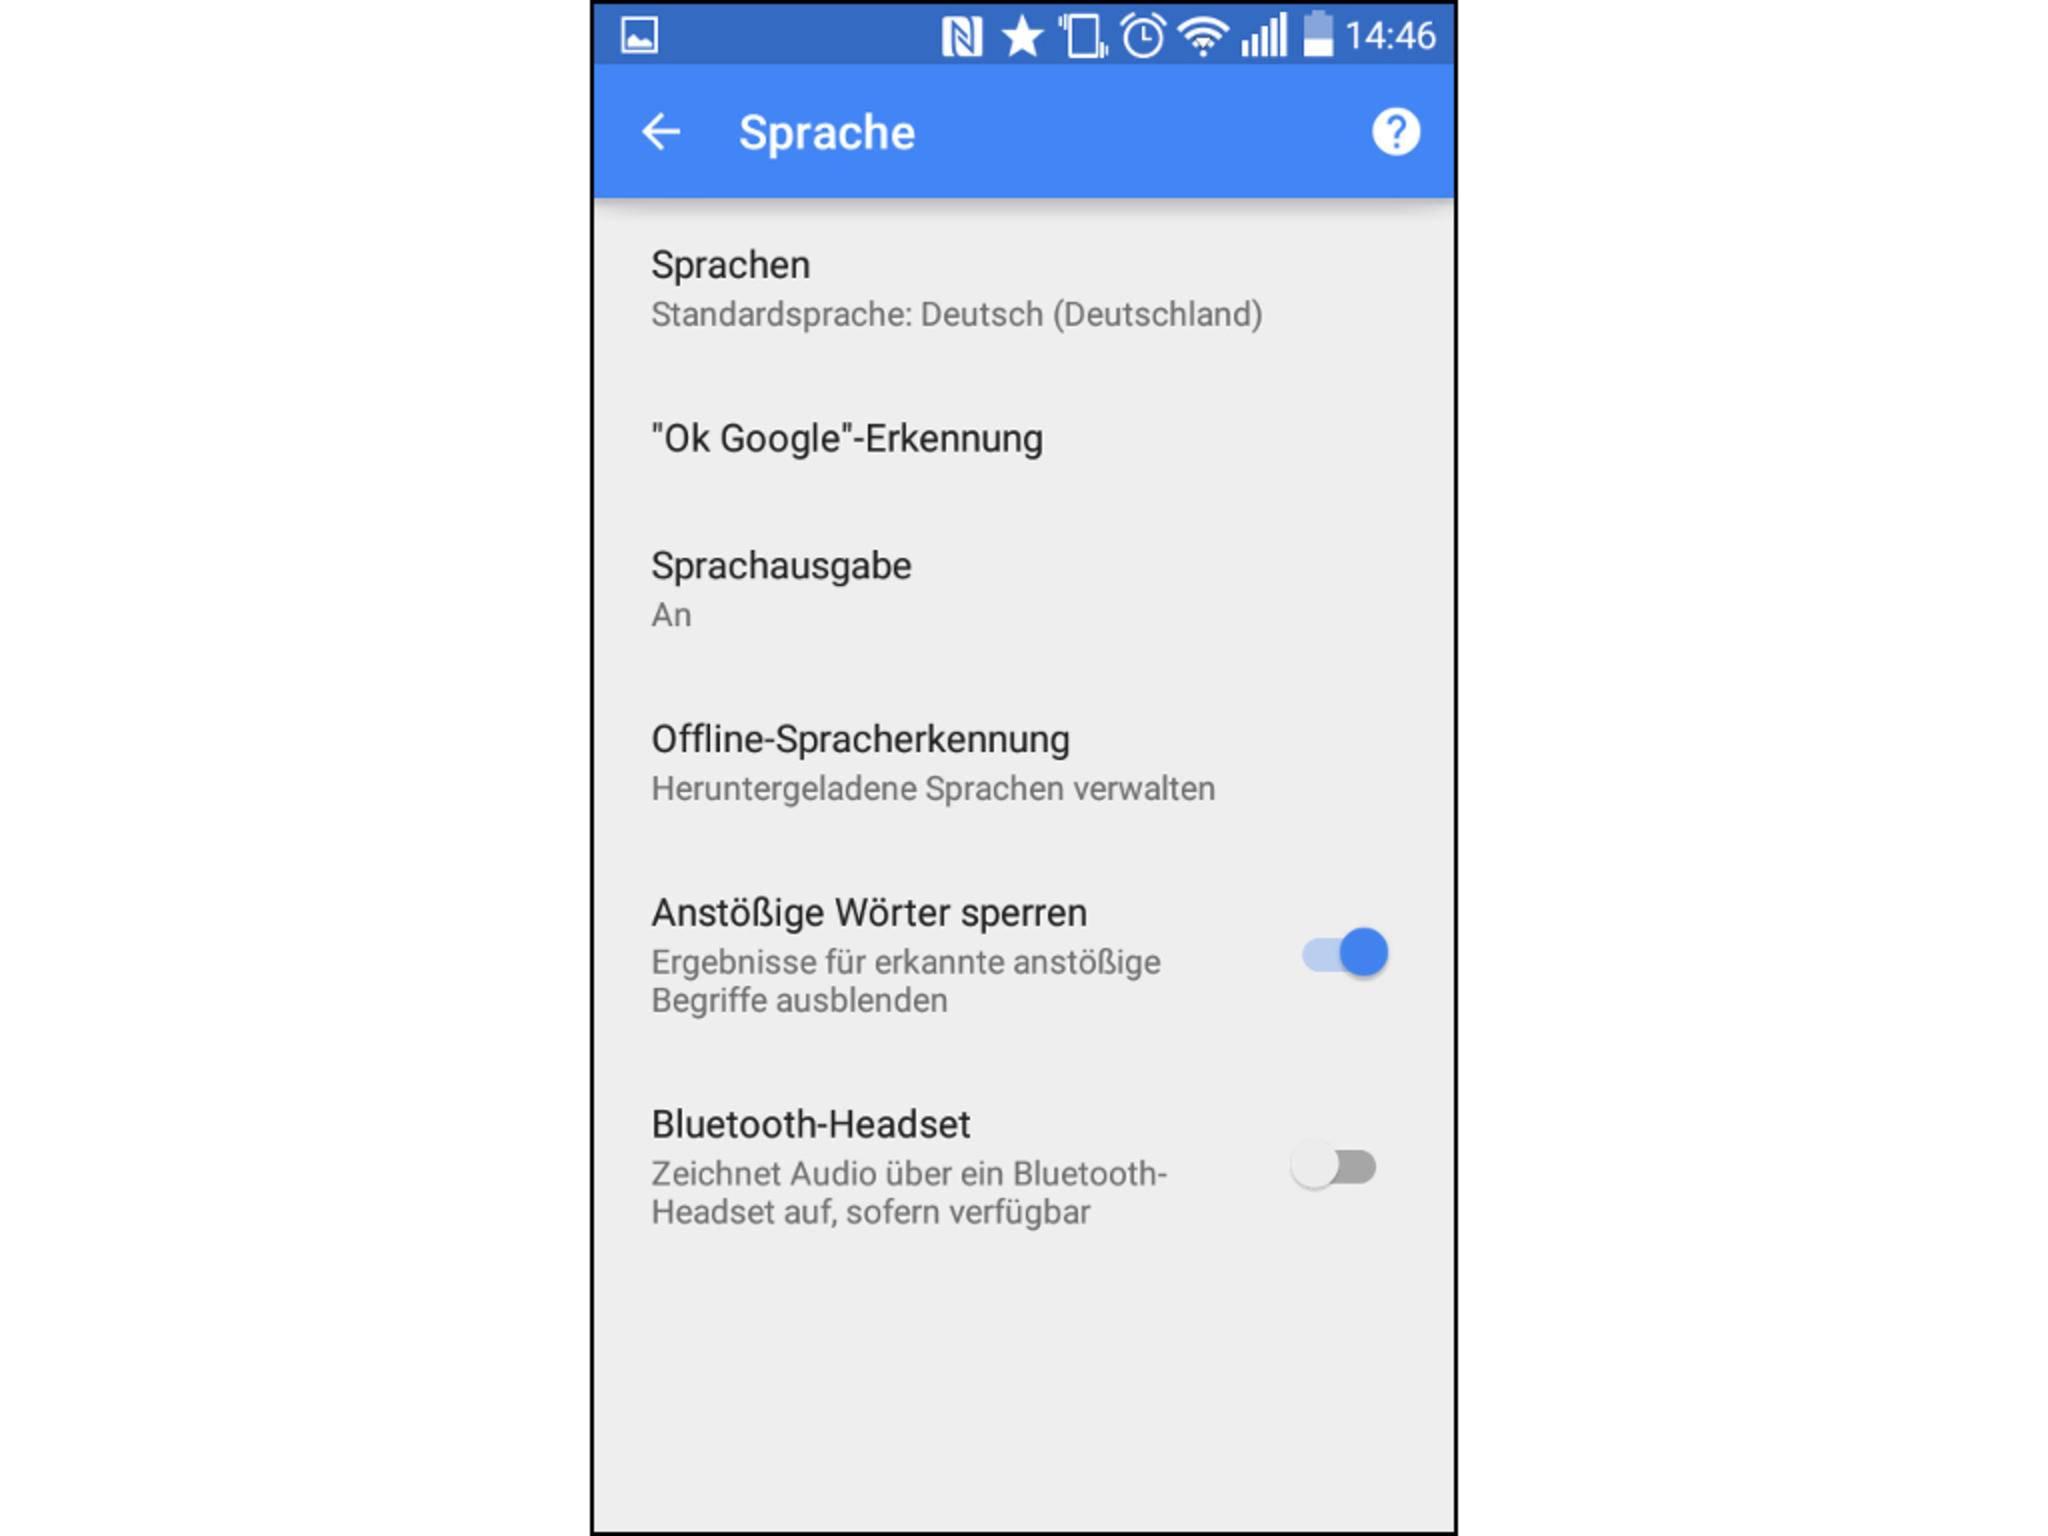 Im Menü lässt sich die Verfügbarkeit von Google Now einstellen.